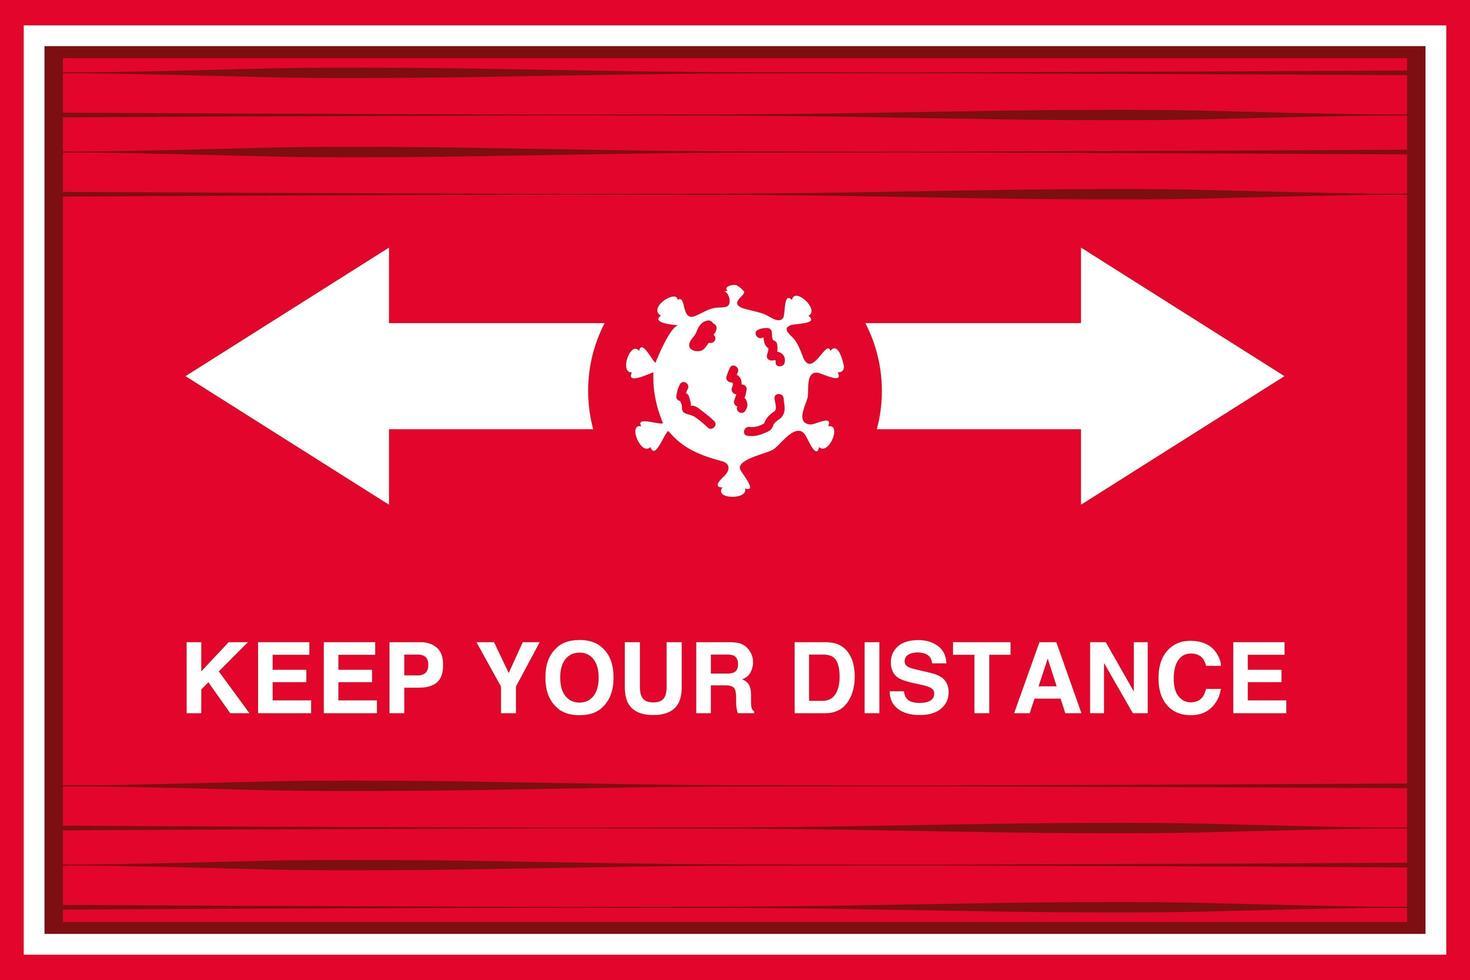 vänligen öva social distansering, behåll social distans för att stoppa coronavirus, banner vektor